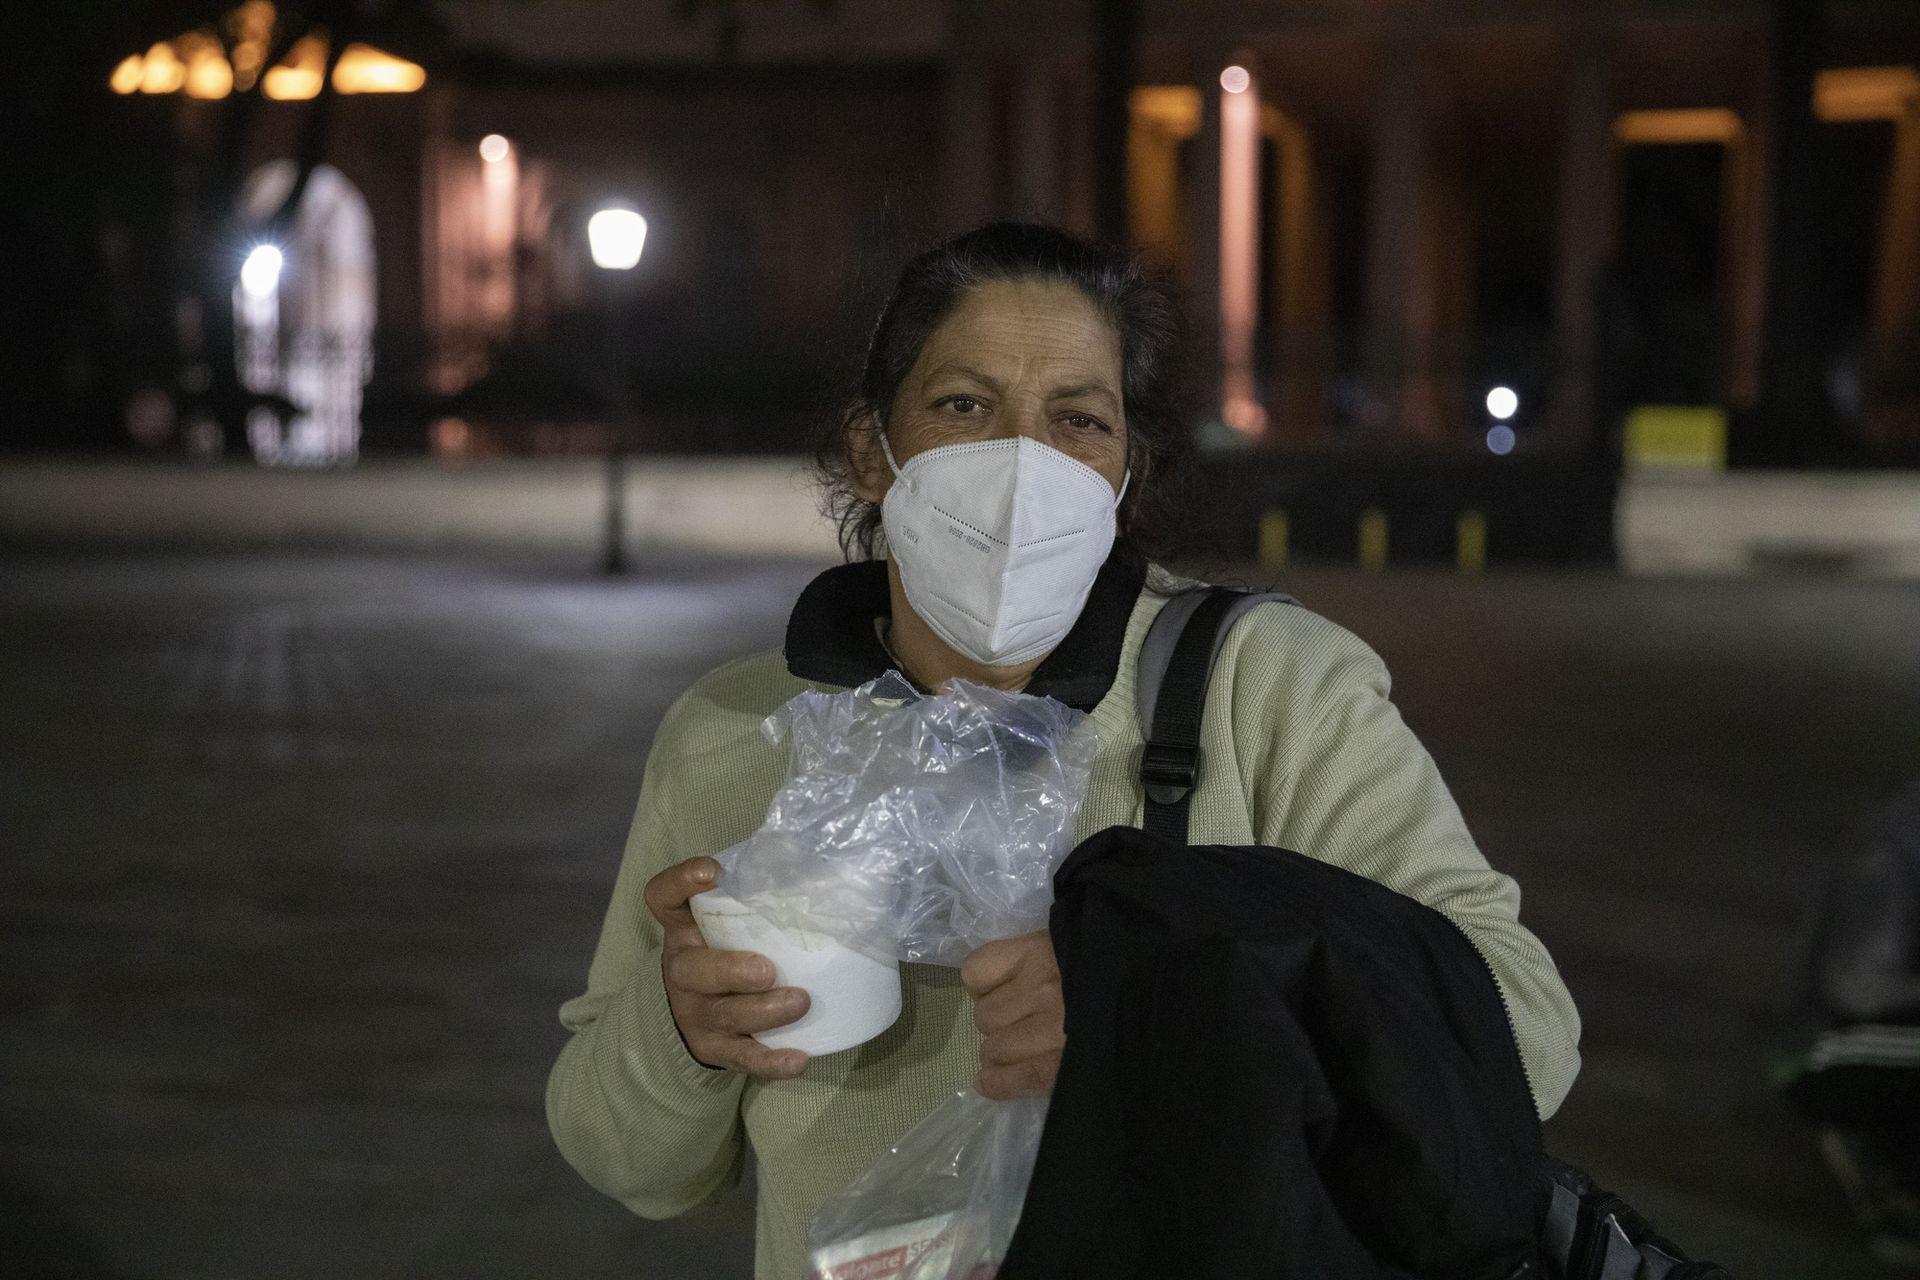 """María tiene 54 años y diabetes, vive en situación de calle y come """"lo que puede""""; es una de las personas que asiste y acompaña Caminos Solidarios"""